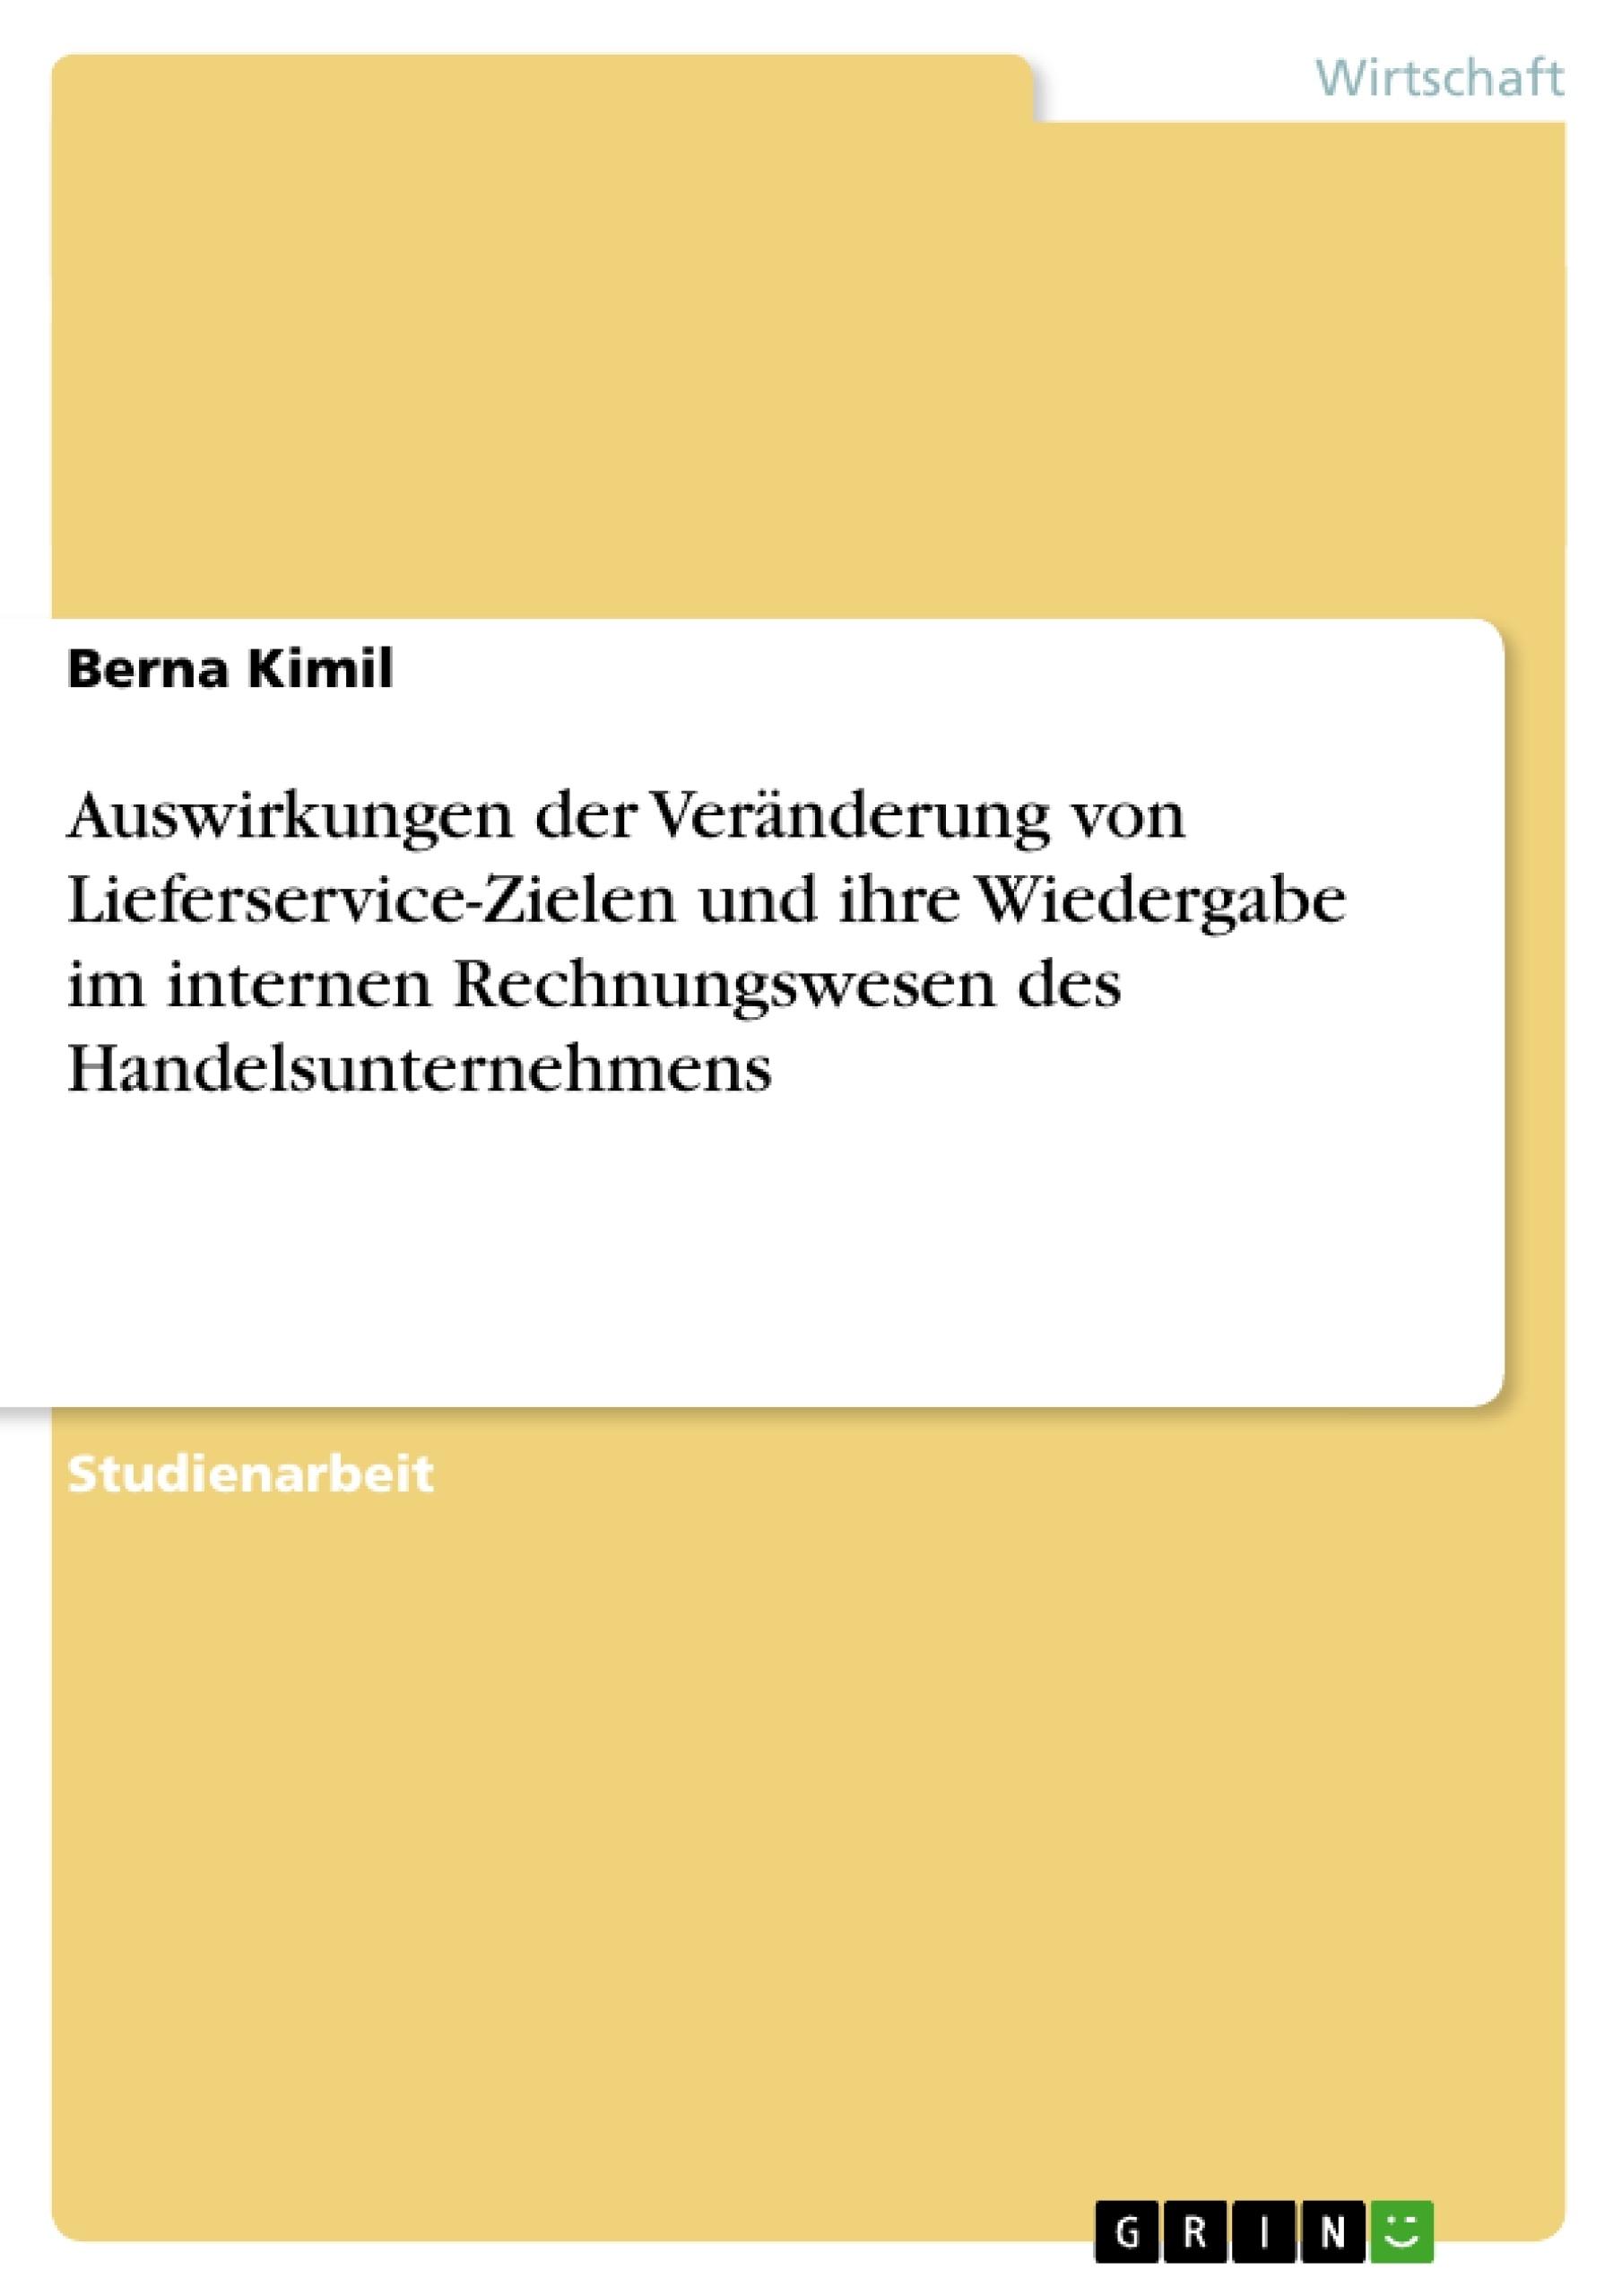 Titel: Auswirkungen der Veränderung von Lieferservice-Zielen und ihre Wiedergabe im internen Rechnungswesen des Handelsunternehmens